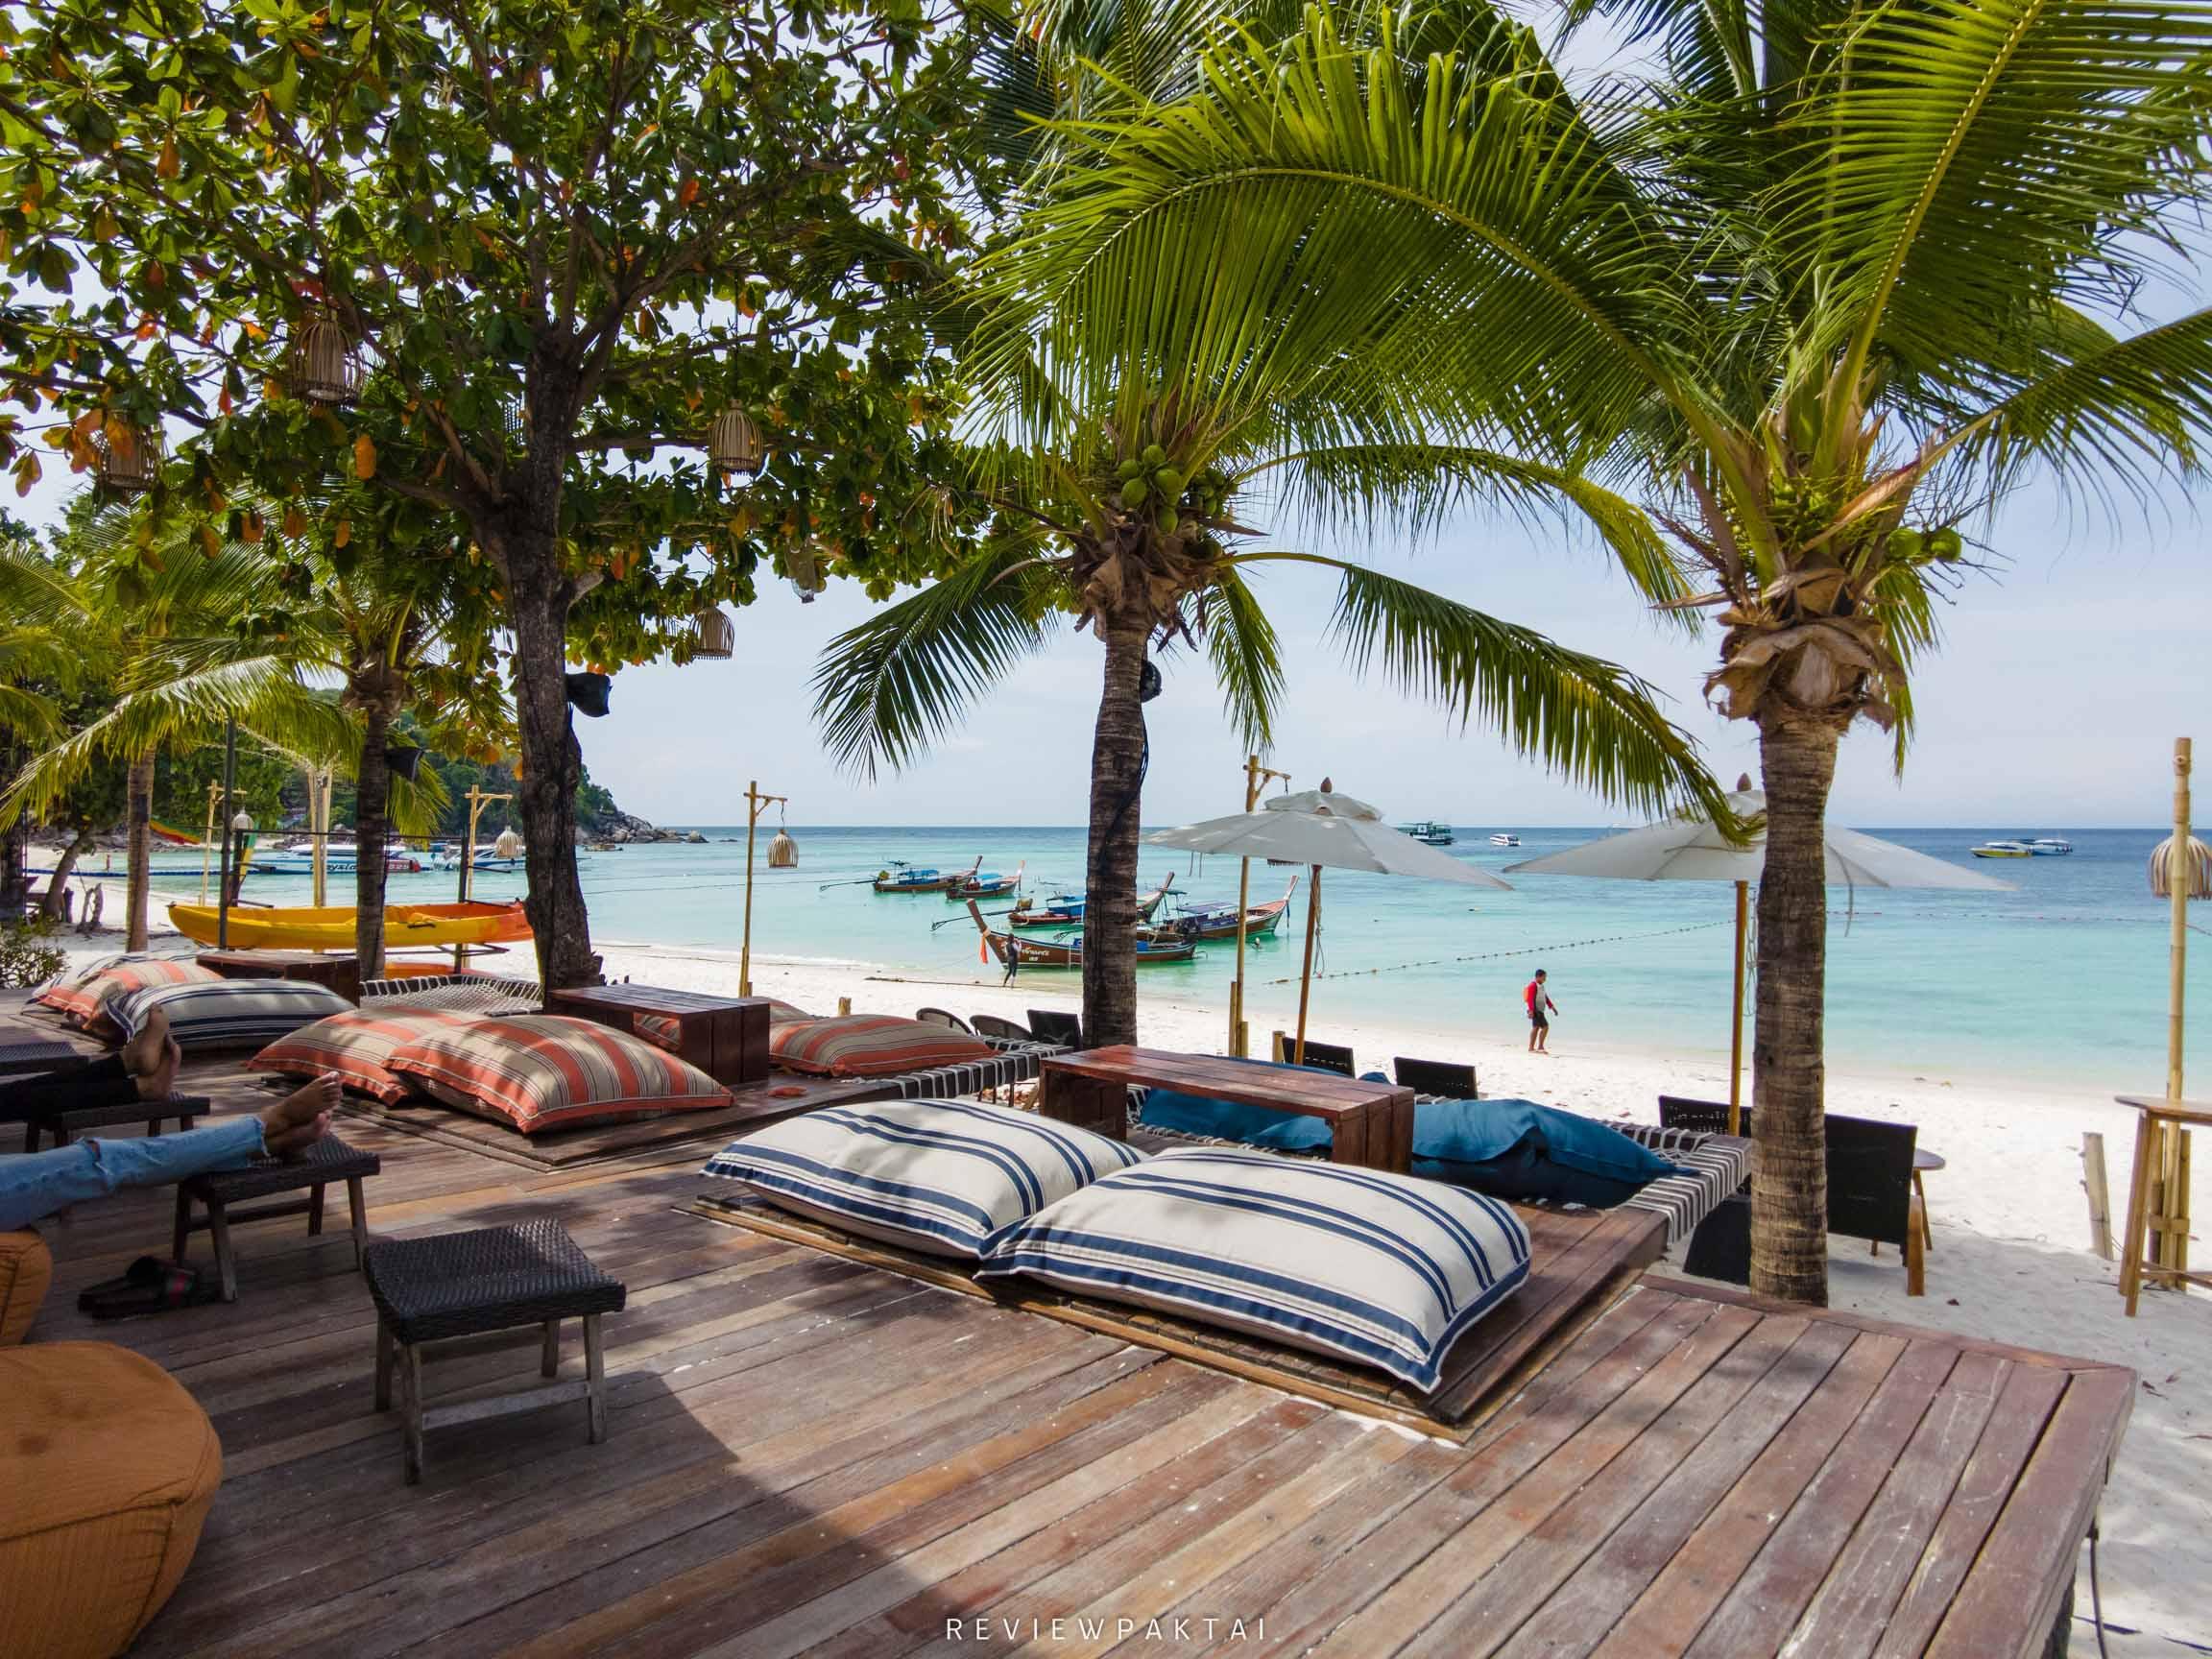 ด้านหน้าจะเป็นโซนบีชบาร์-นั่งชิวๆ-ตอนเช้า-และตอนเย็นจะมีโชว์ต่างๆแสงไฟสวยมากและมีการควงไฟ ที่พักหลีเป๊ะ,ที่พักสตูล,ที่พักติดทะเล,เกาะหลีเป๊ะ,ananya,resort,lipe